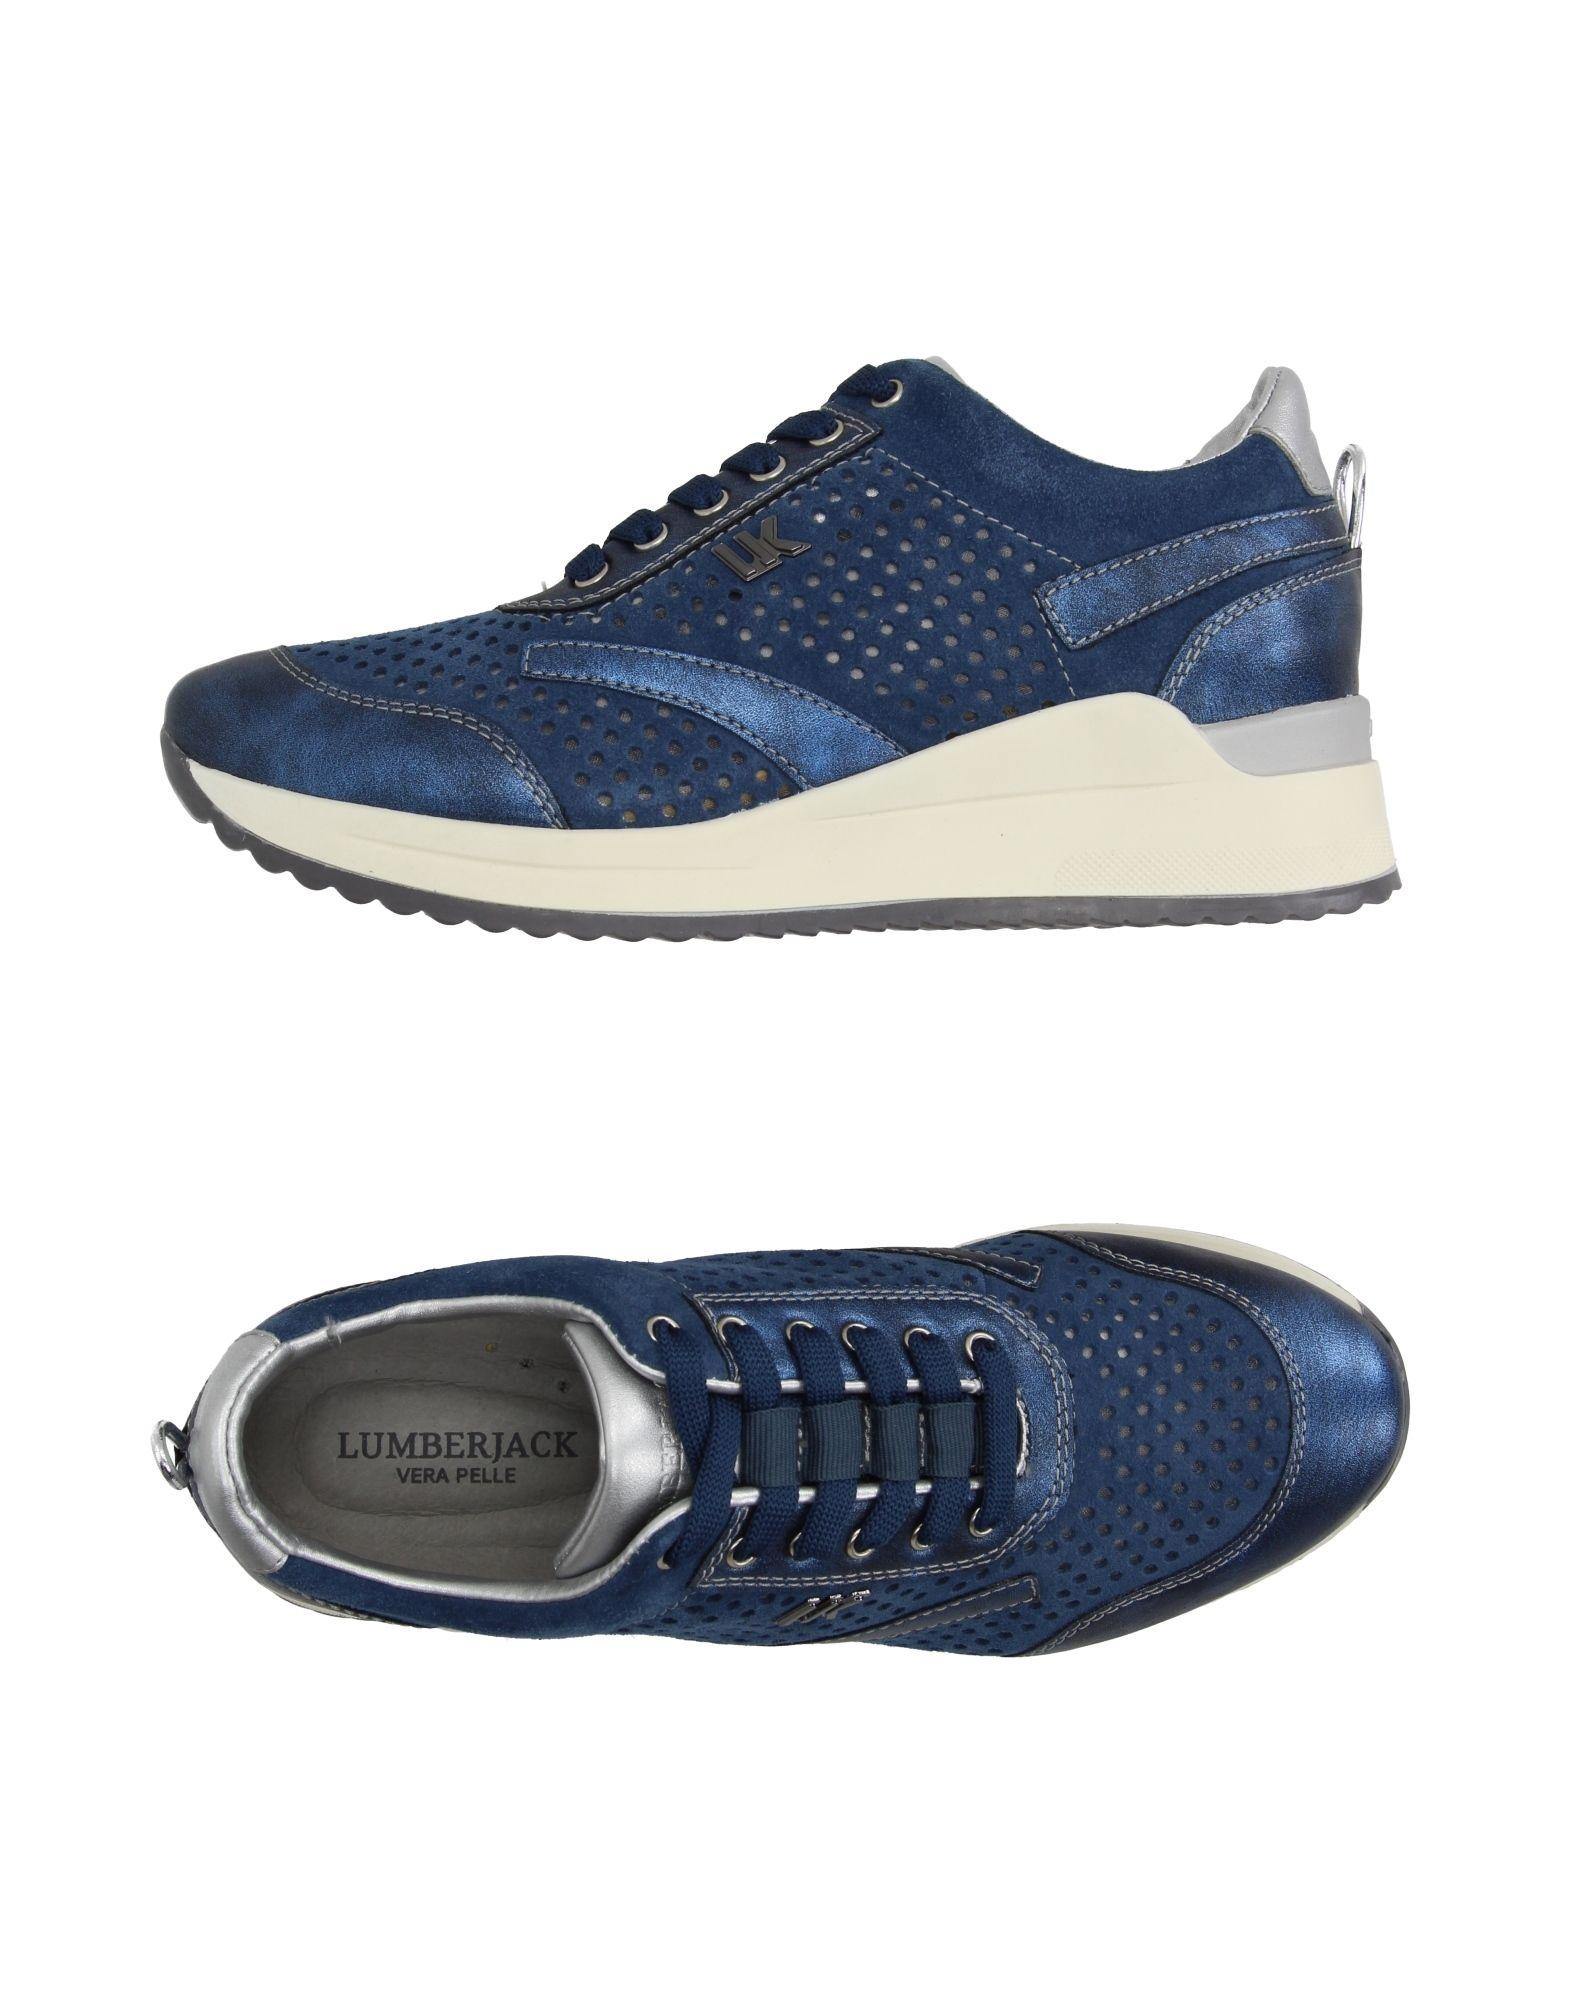 Lumberjack Sneakers Damen  11197858QV Gute Qualität beliebte Schuhe